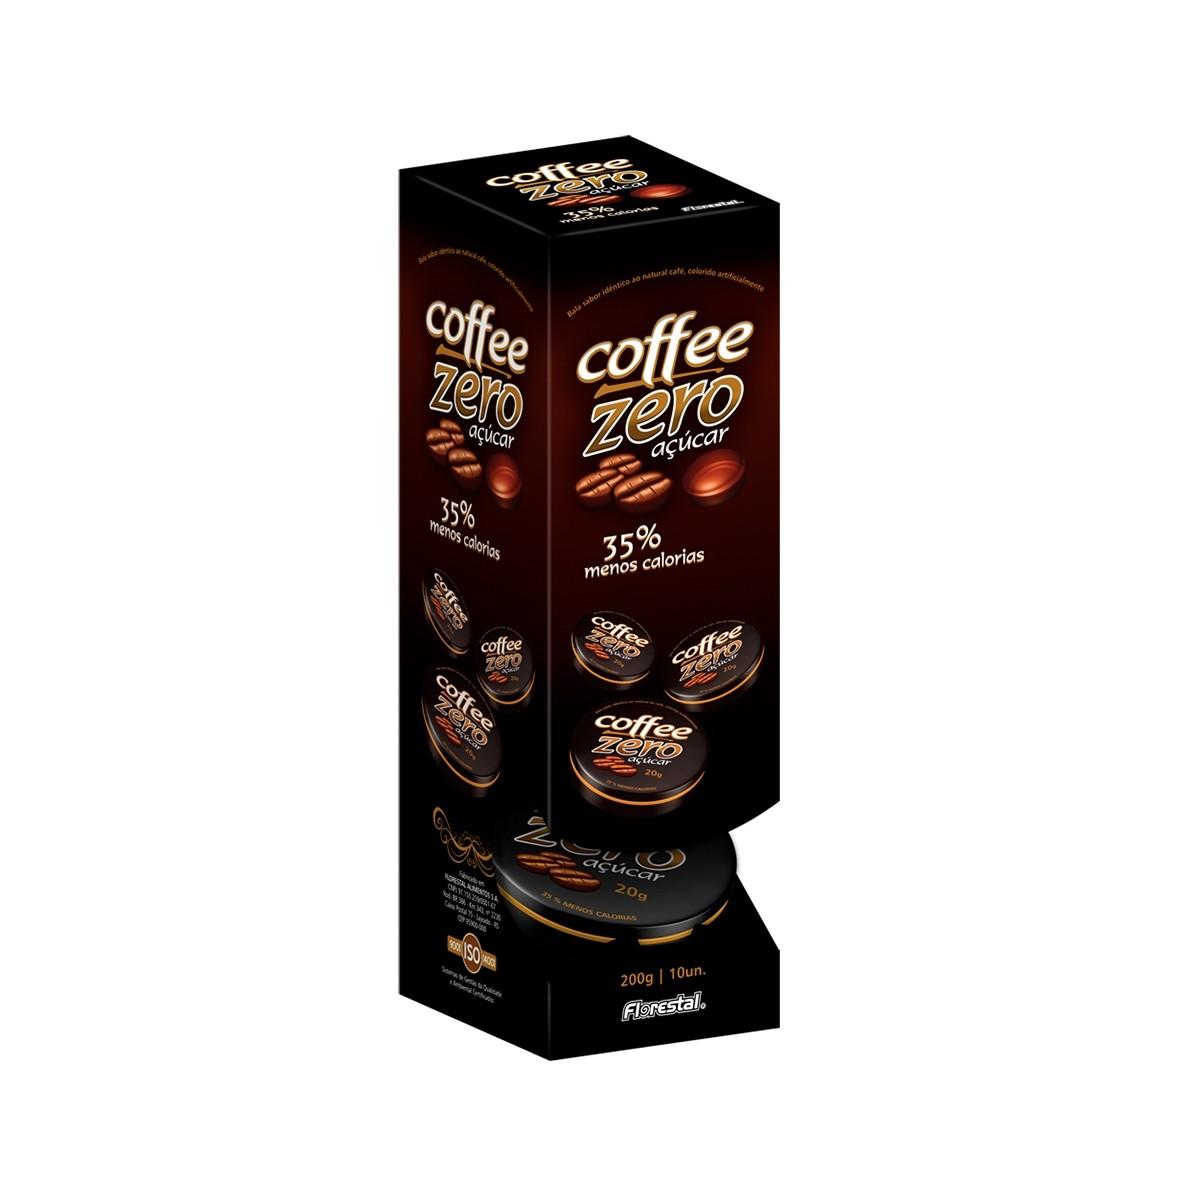 Bala Coffee Zero Lata com 10 unidades de 20g- Florestal